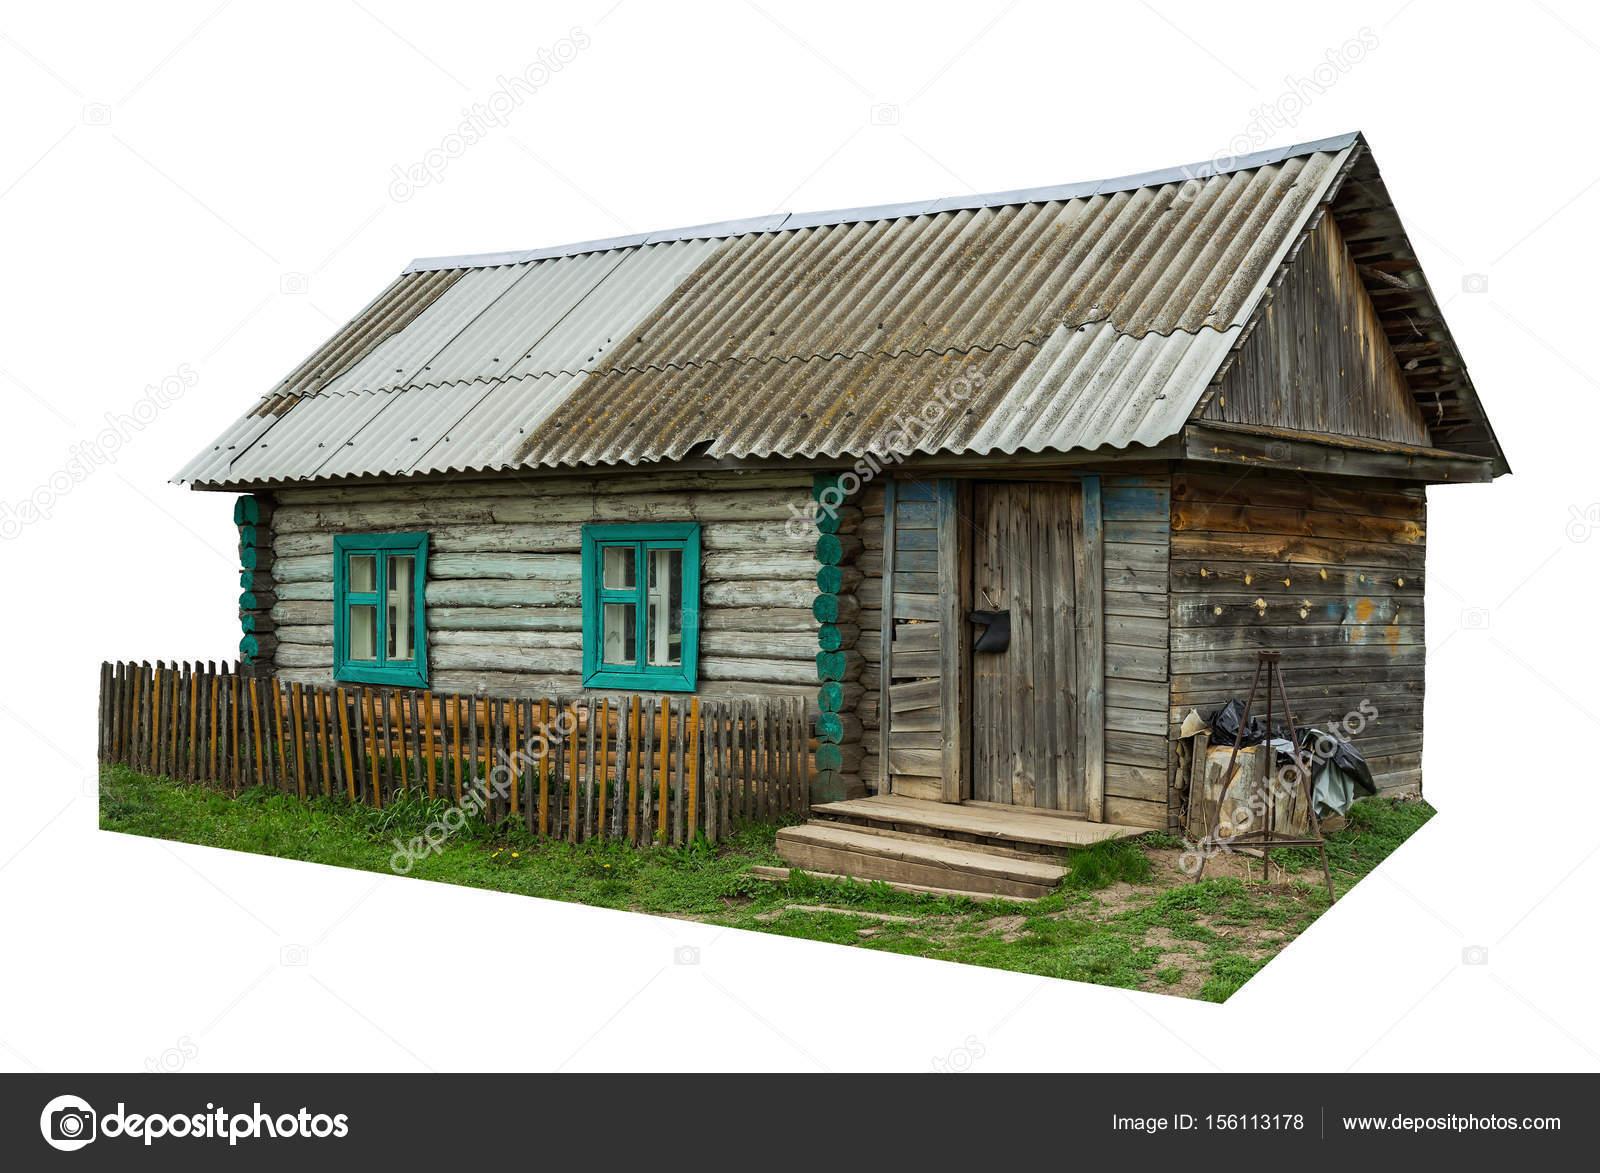 Antigua Casa Rural De Madera Foto De Stock C Observer 156113178